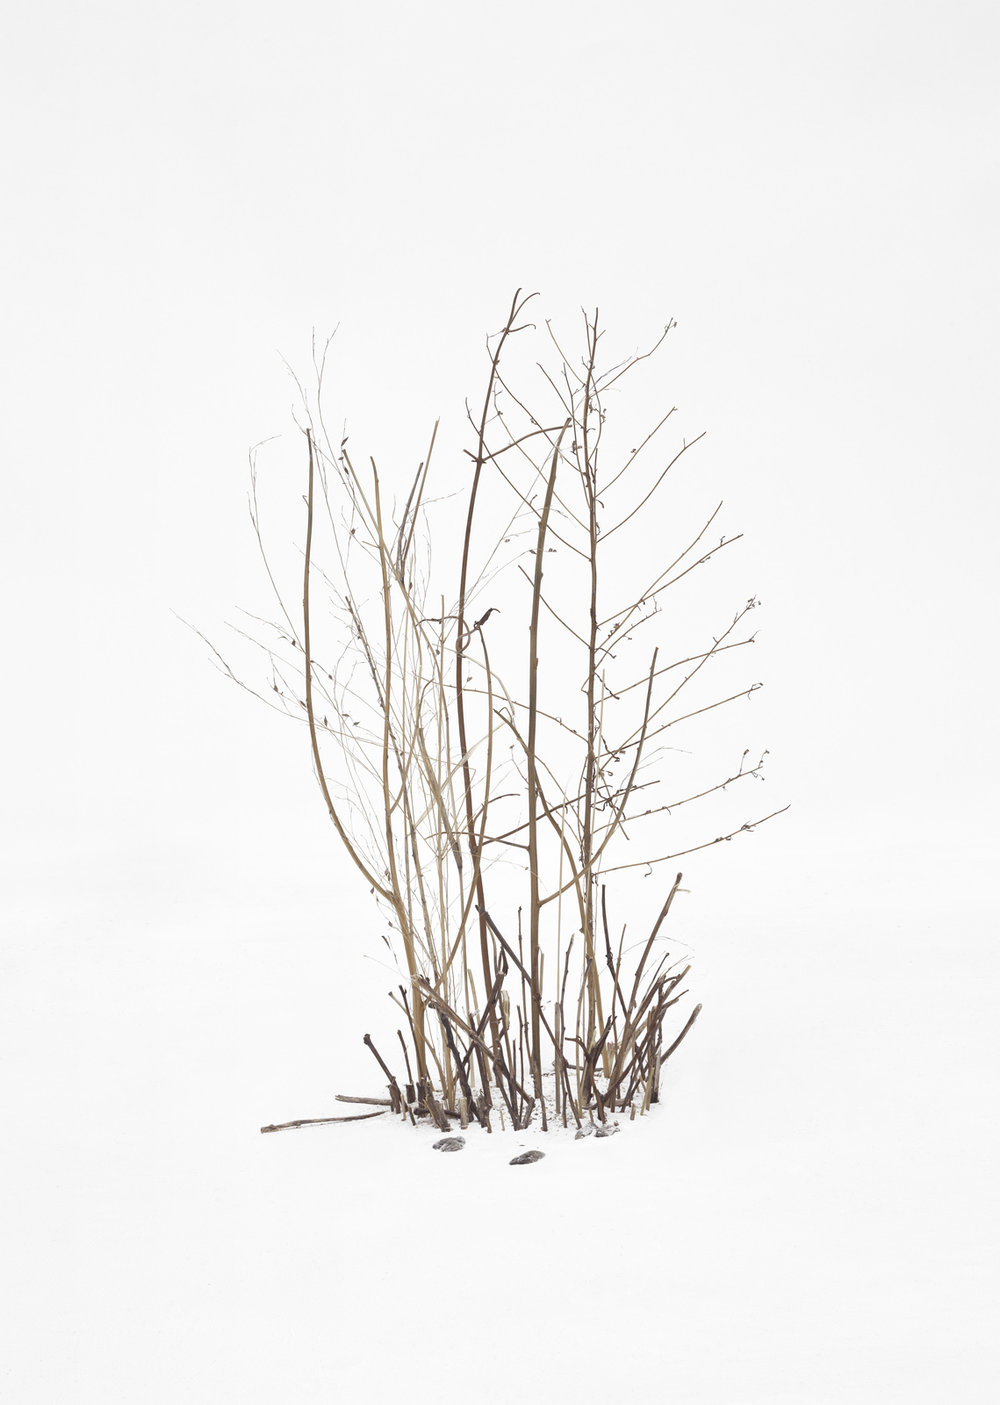 Untitled_1_(treesbushessnow)2014.jpg